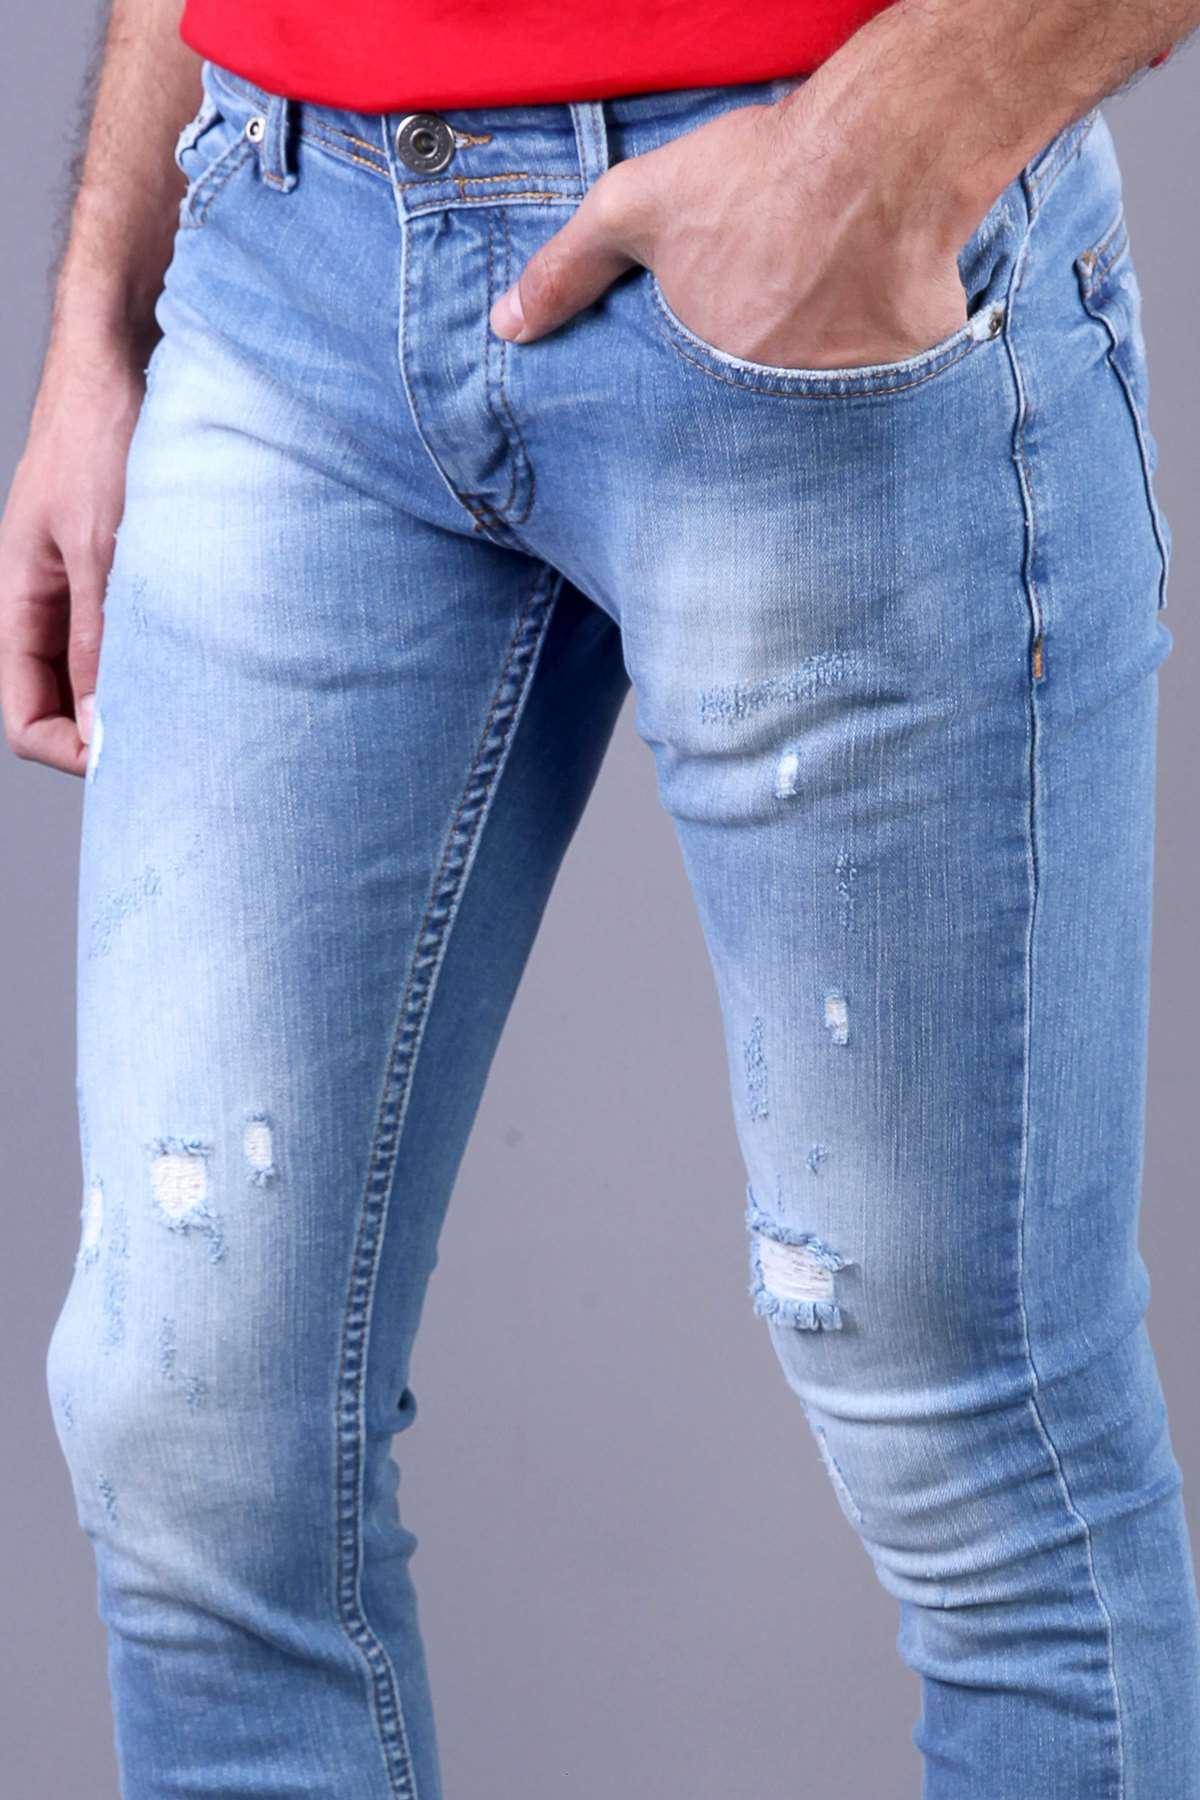 Taşlamalı Yırtıklı İp Yamalı Slim Fit Kot Pantolon Mavi